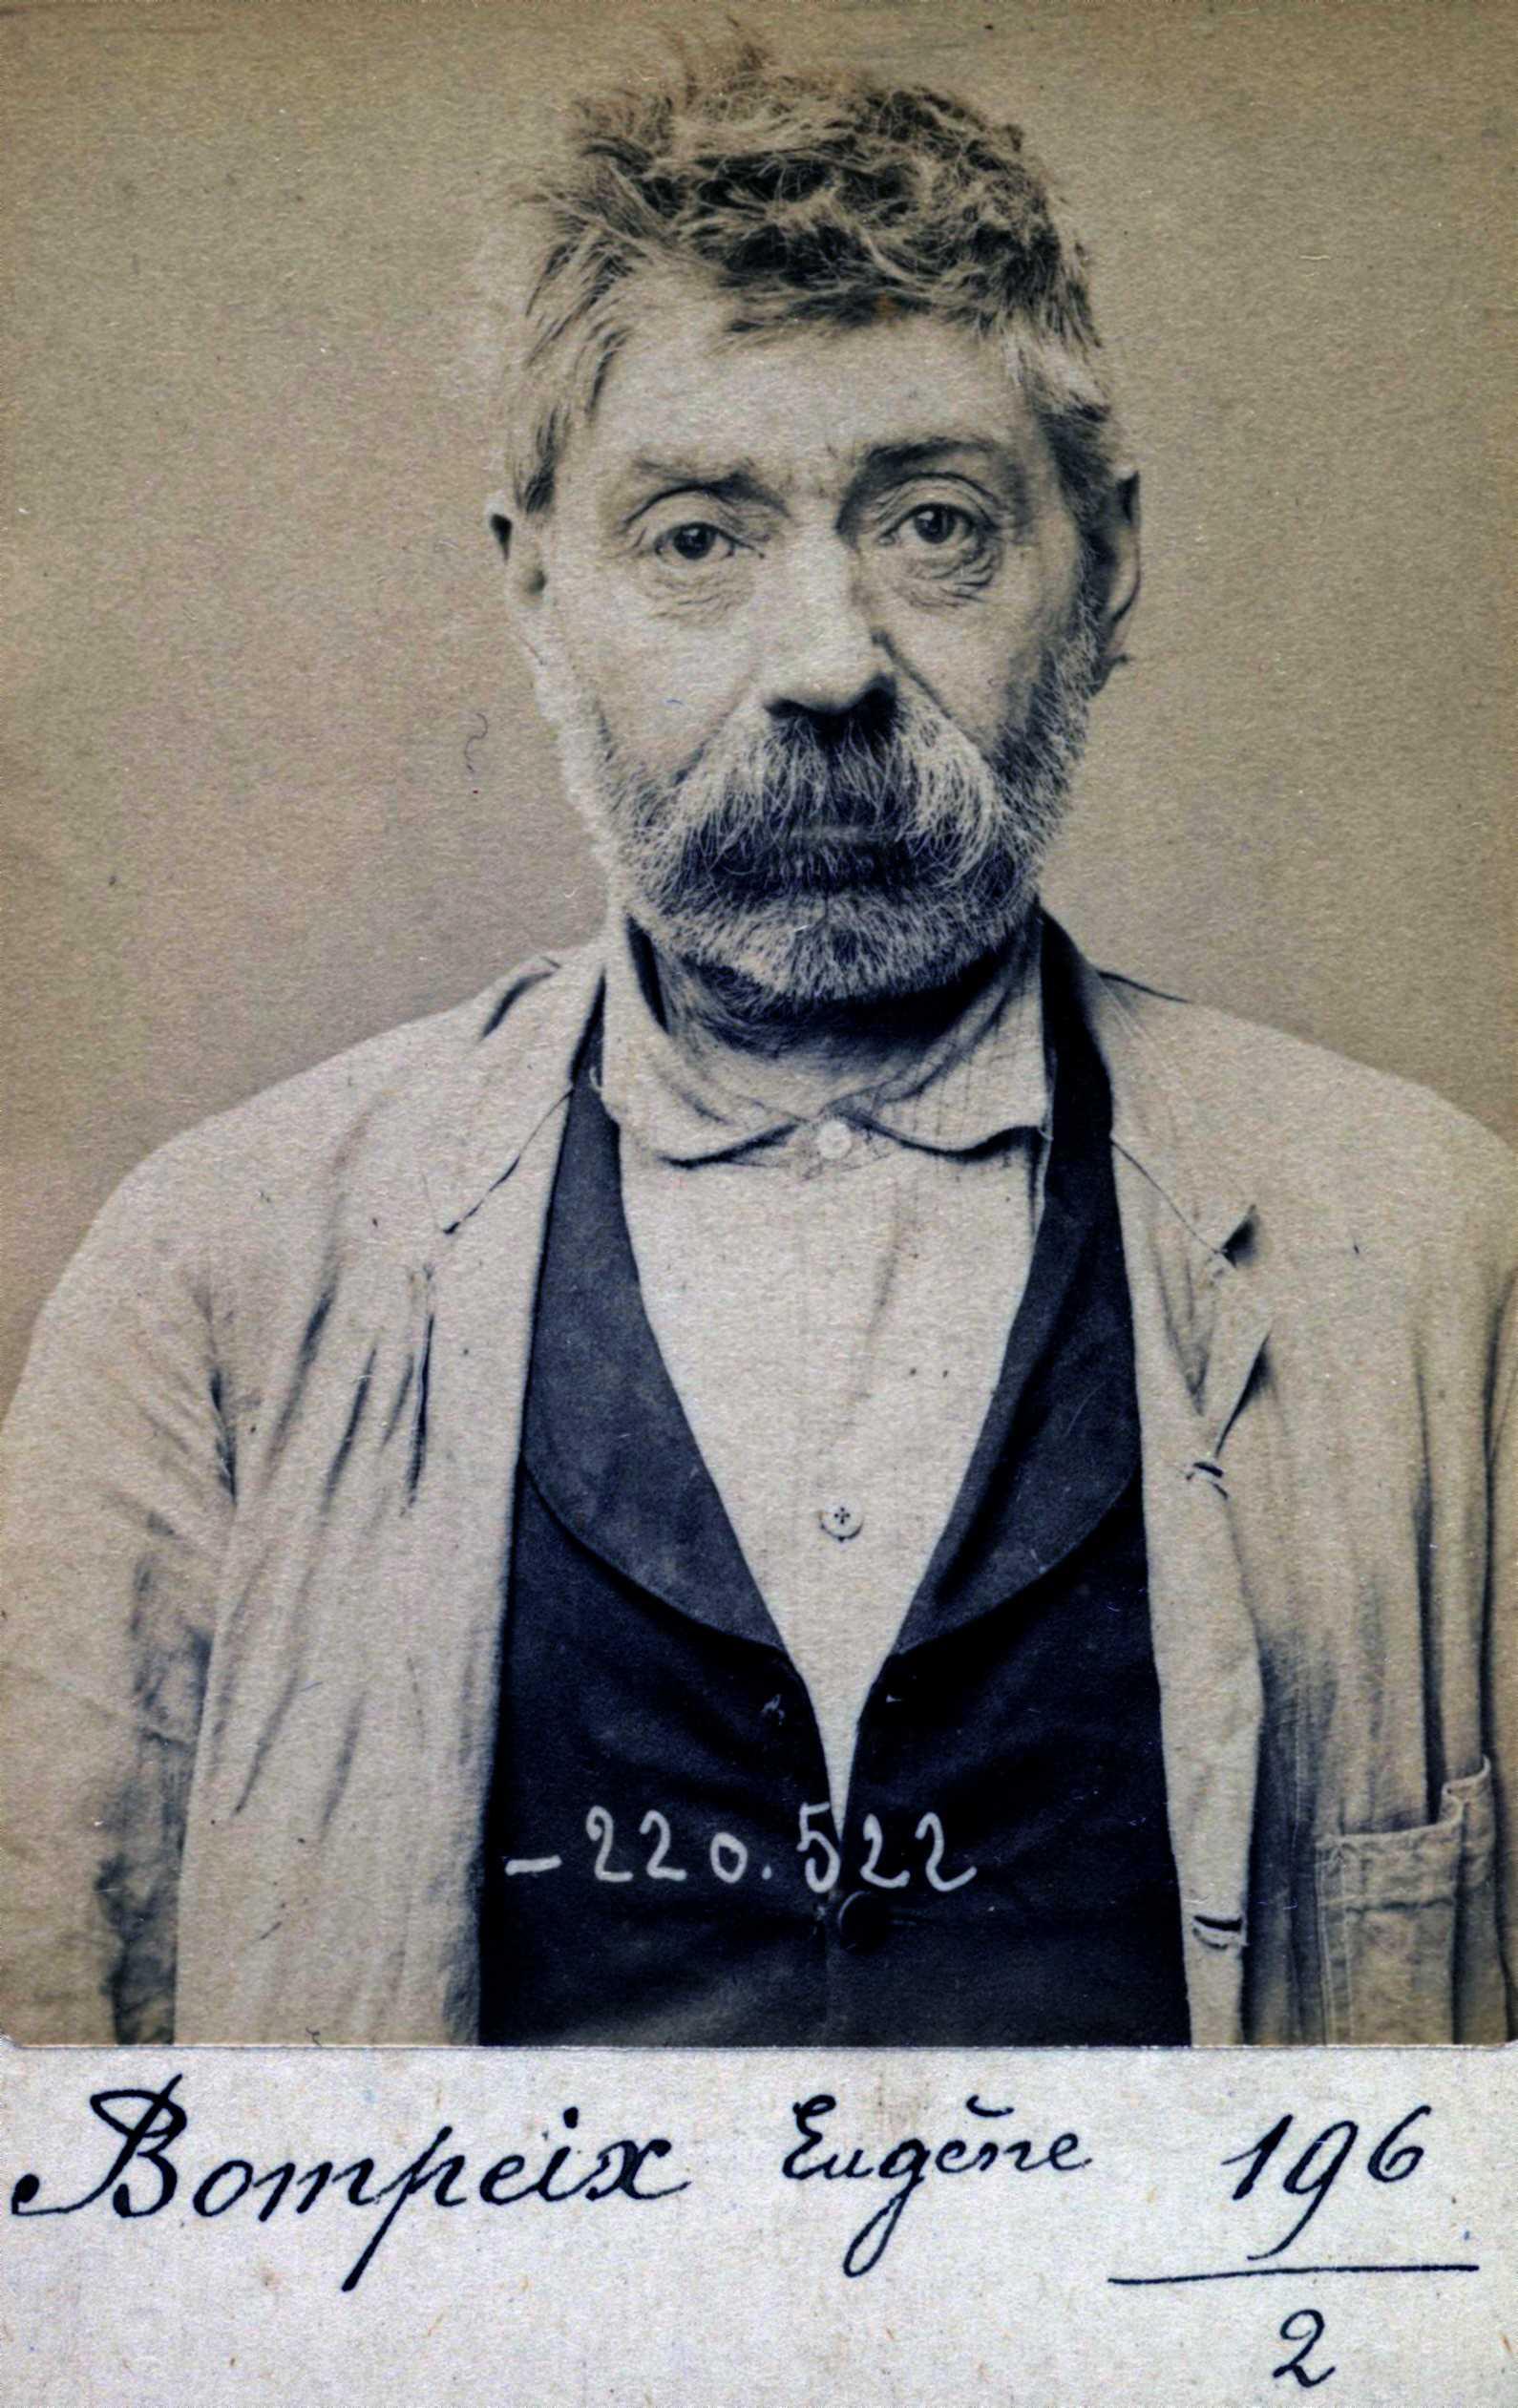 Foto policíaca d'Eugène Bompeix (3 de juliol de 1894)